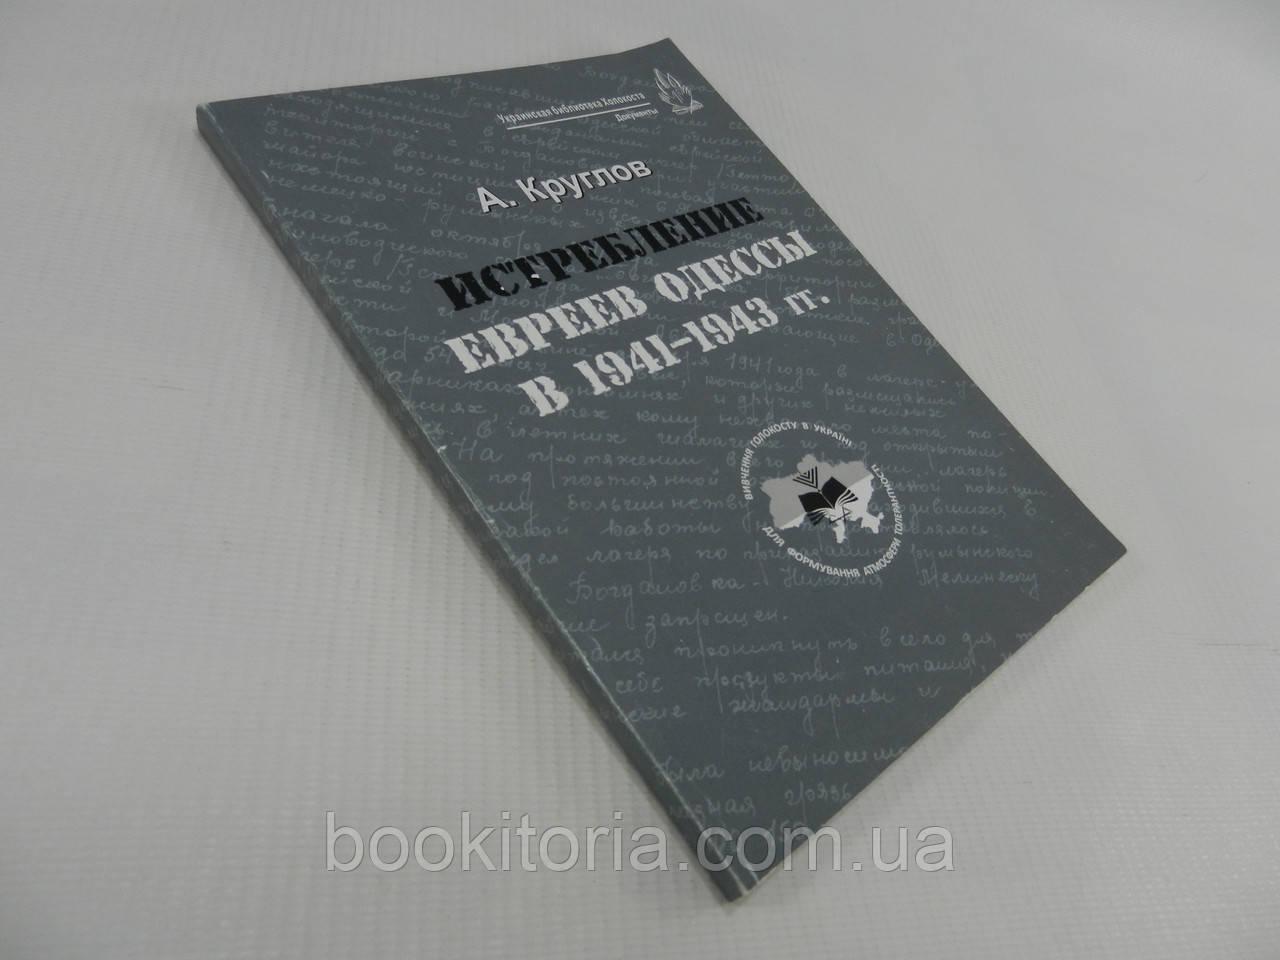 Круглов А. Истребление евреев Одессы в 1941-1943 гг. (б/у).